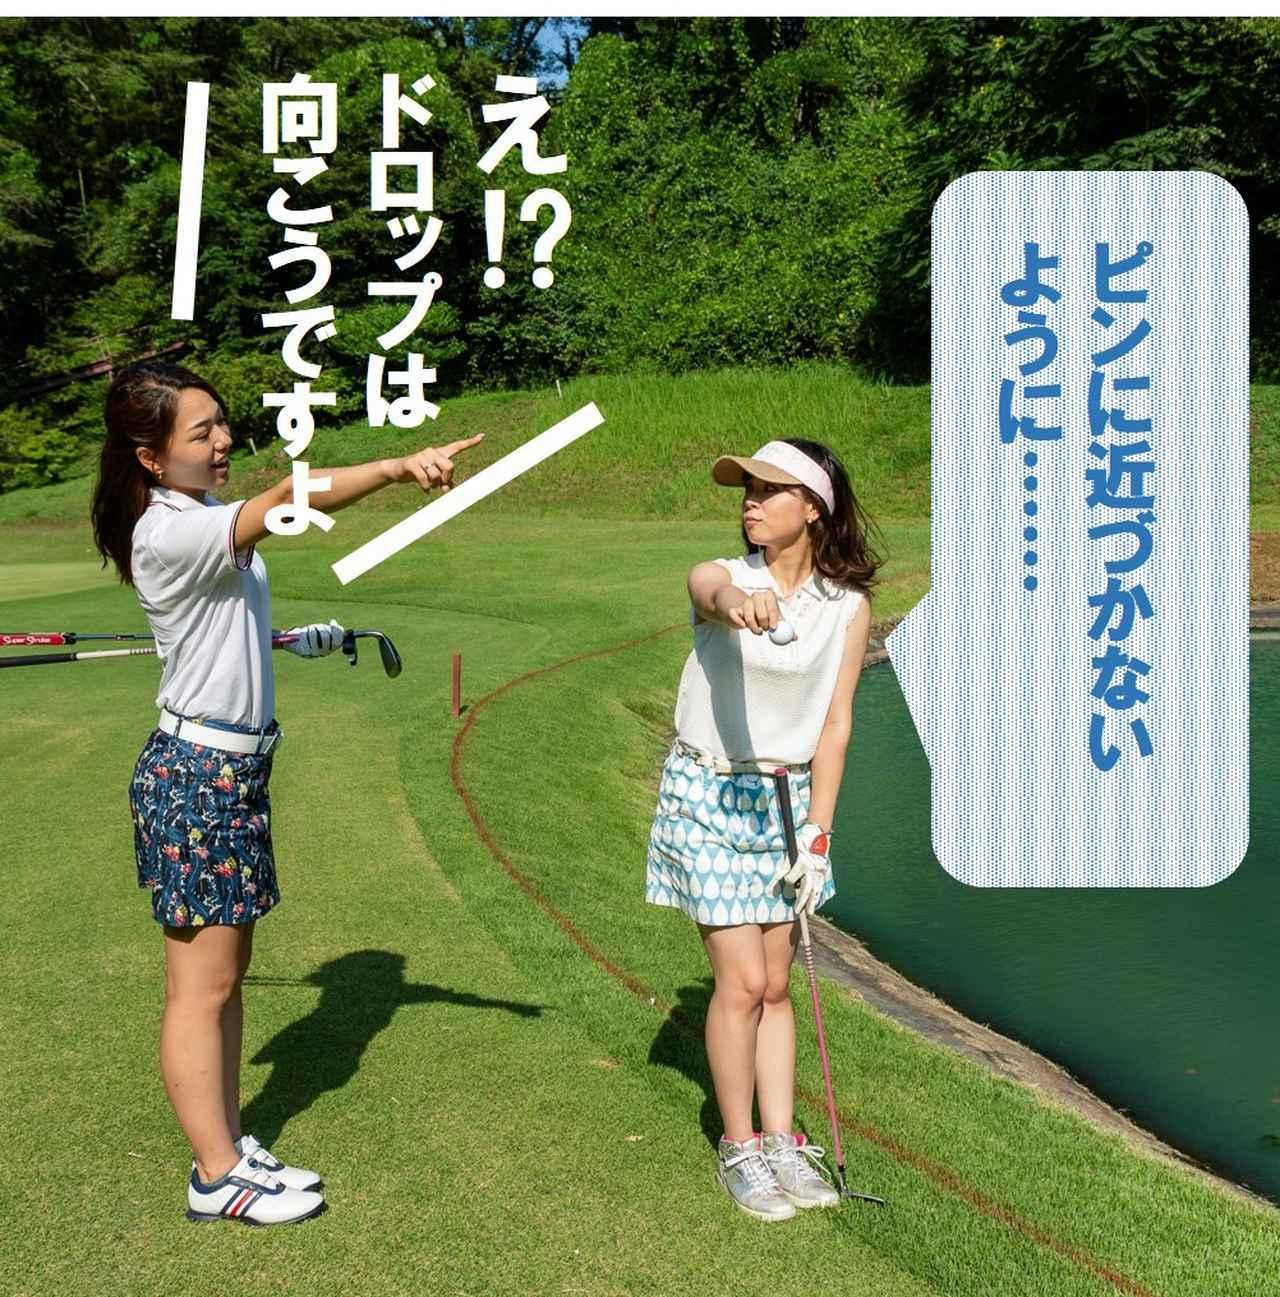 画像: 左)ゴルル会員番号47 満石奈々葉 右)ゴルル会員番号44 水谷花那子